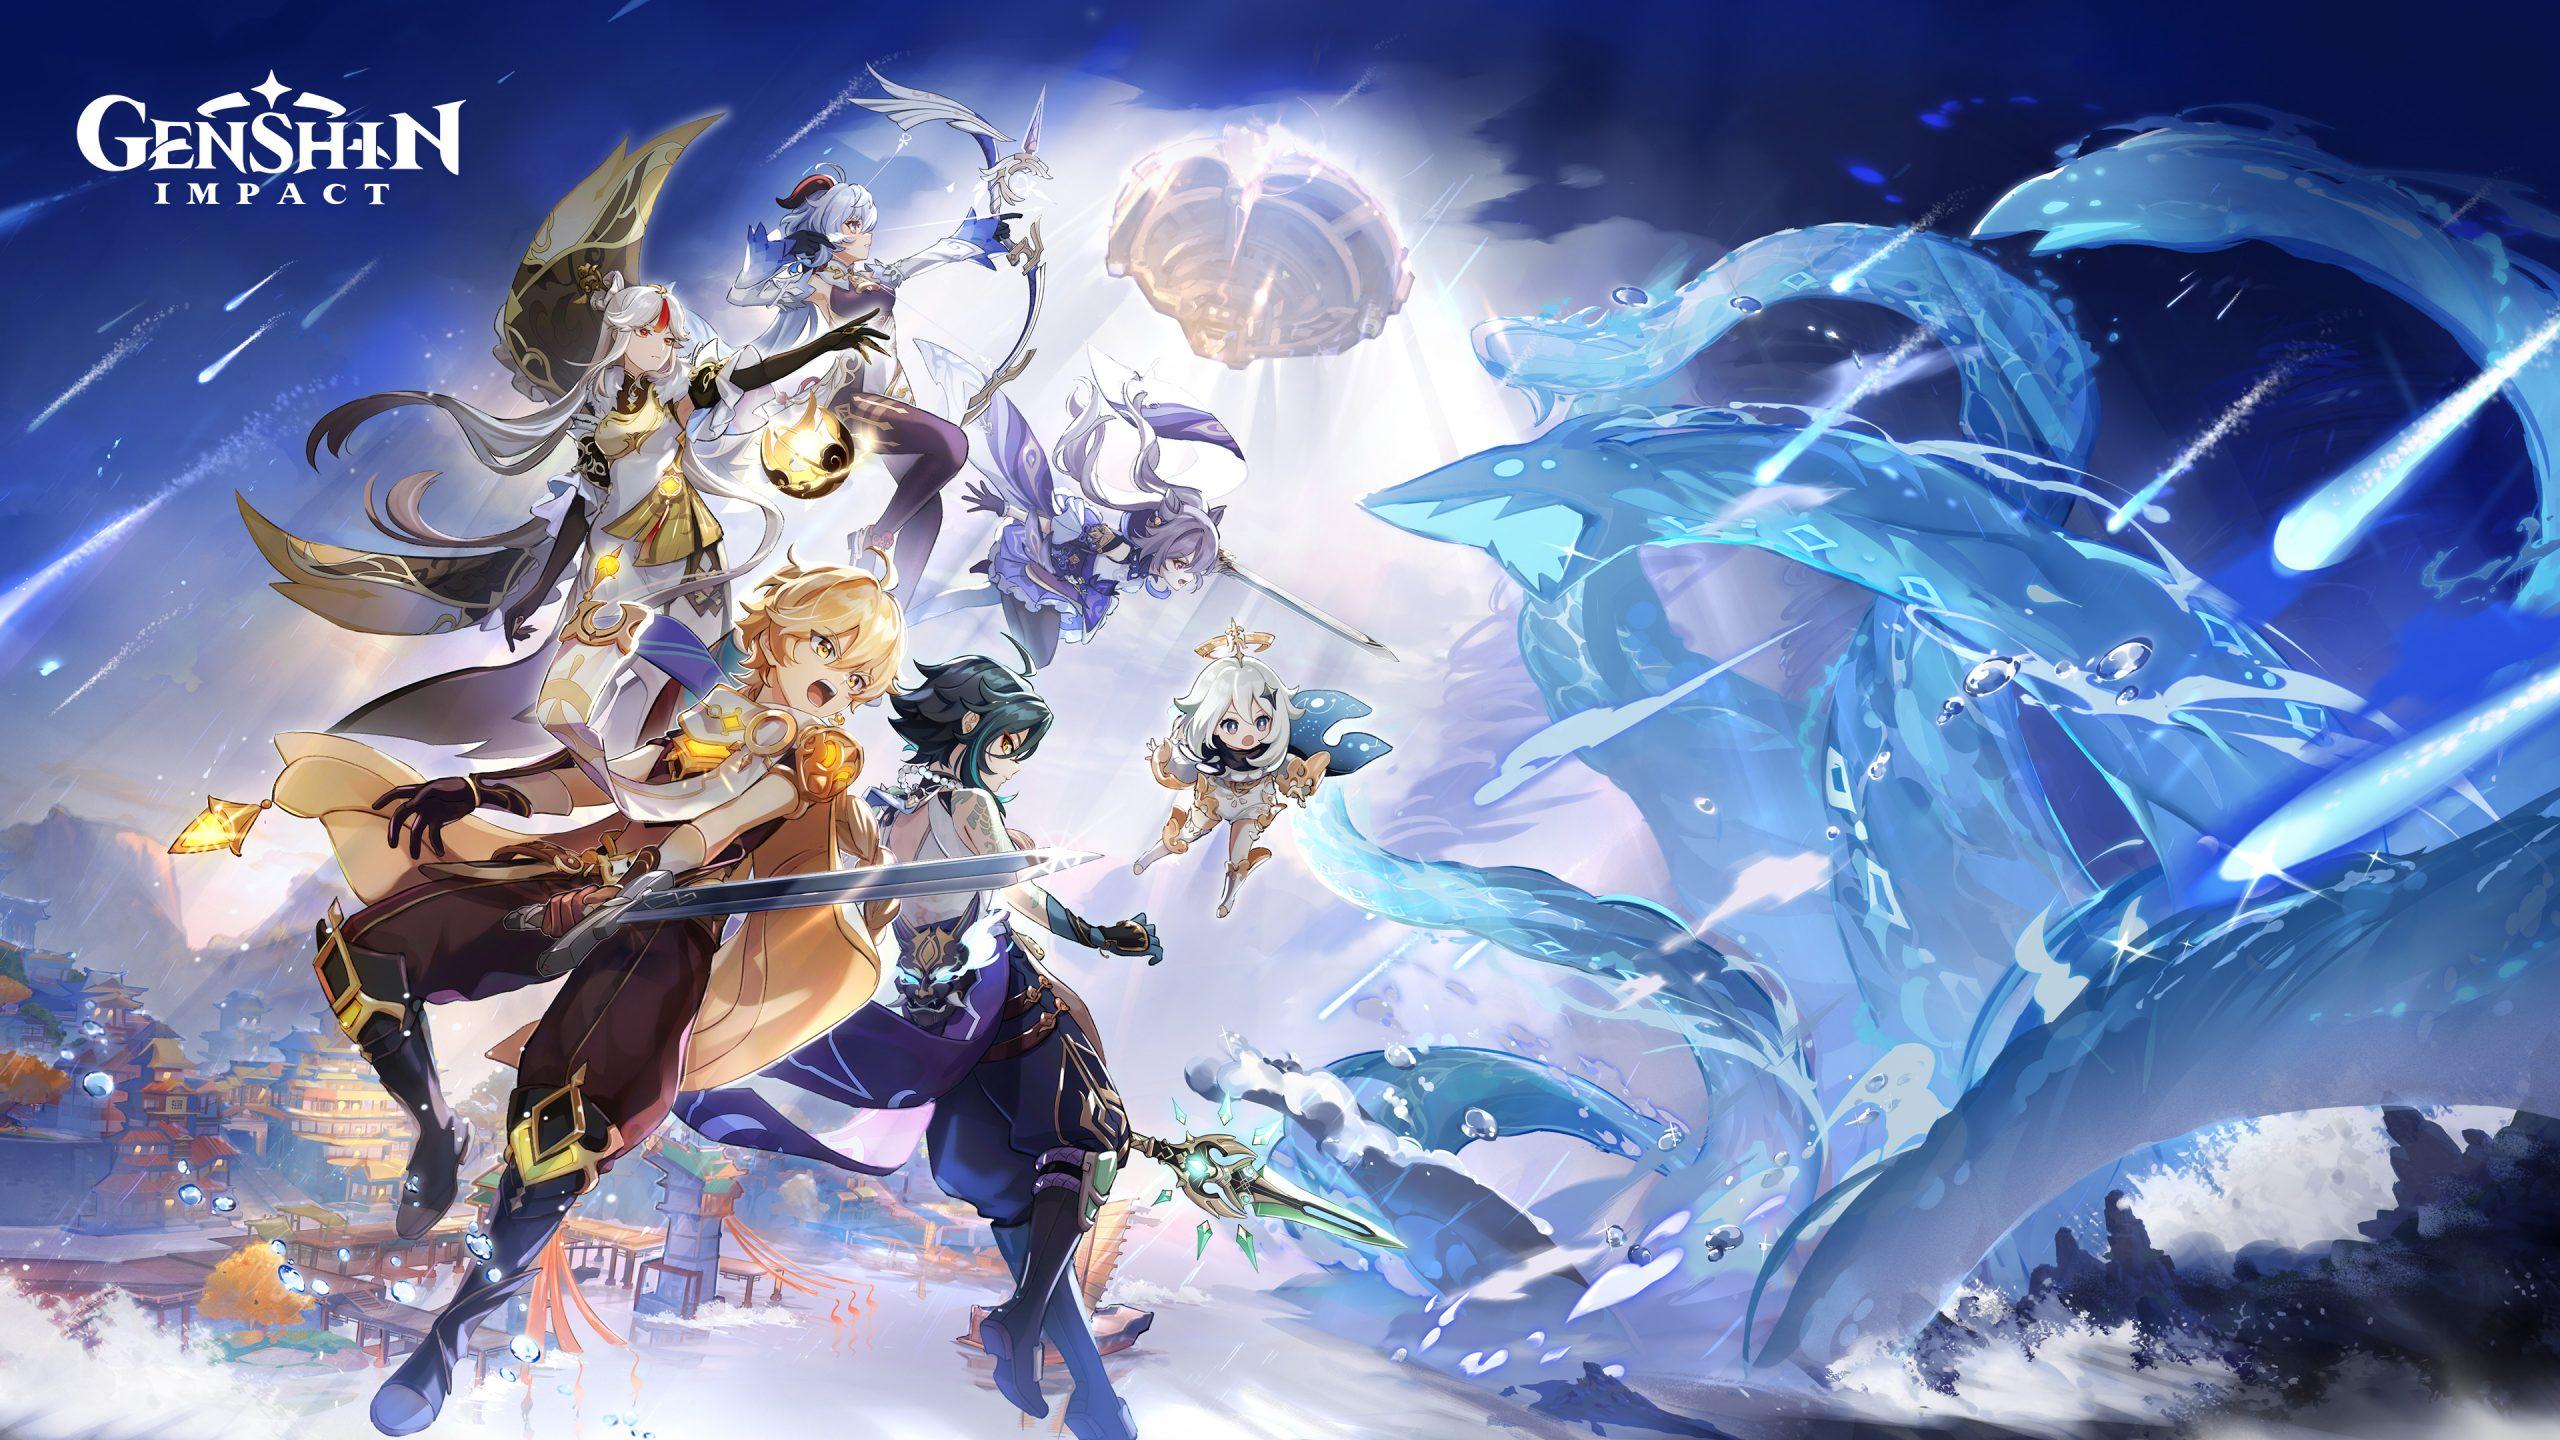 Genshin Impact coming to PlayStation 5